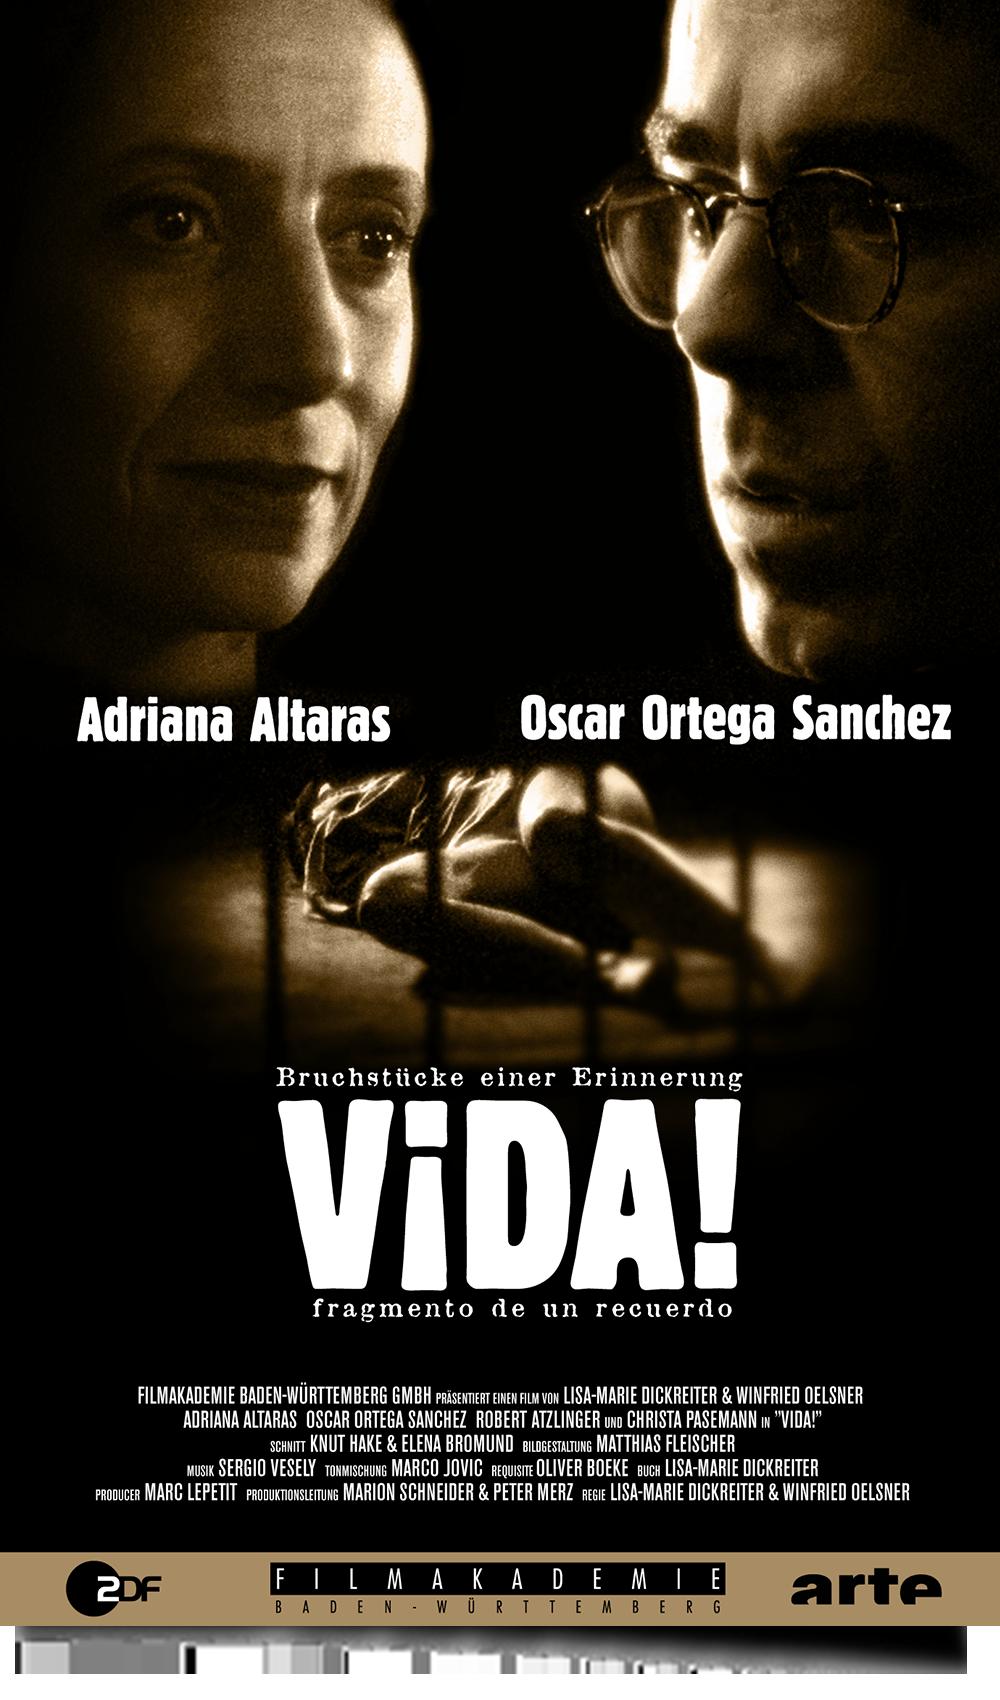 001_COVER_VIDA-Film.jpg